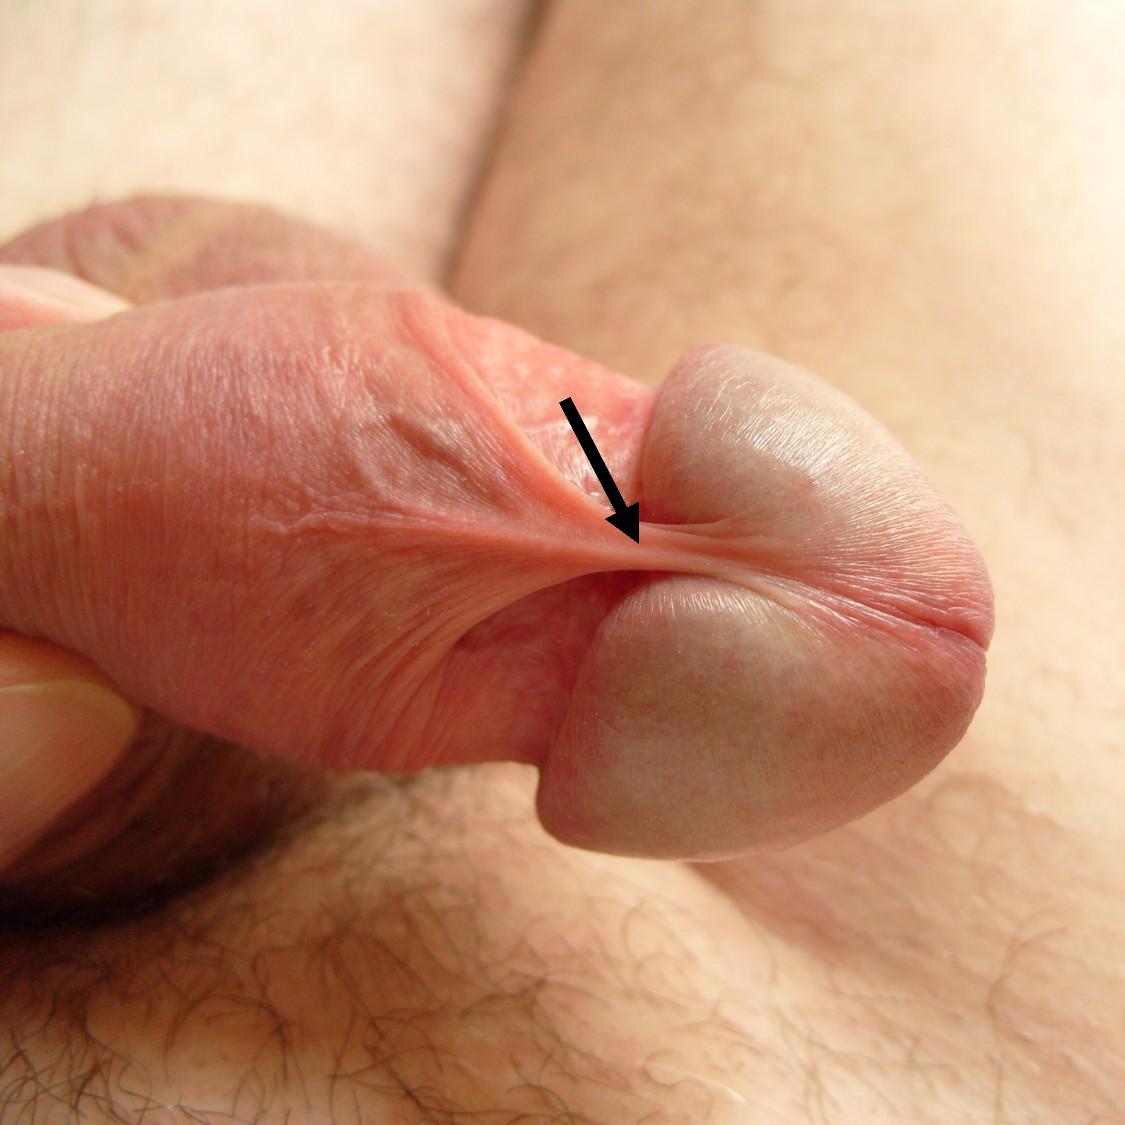 erekcióval a frenulum fáj a kávé befolyásolja az erekciót